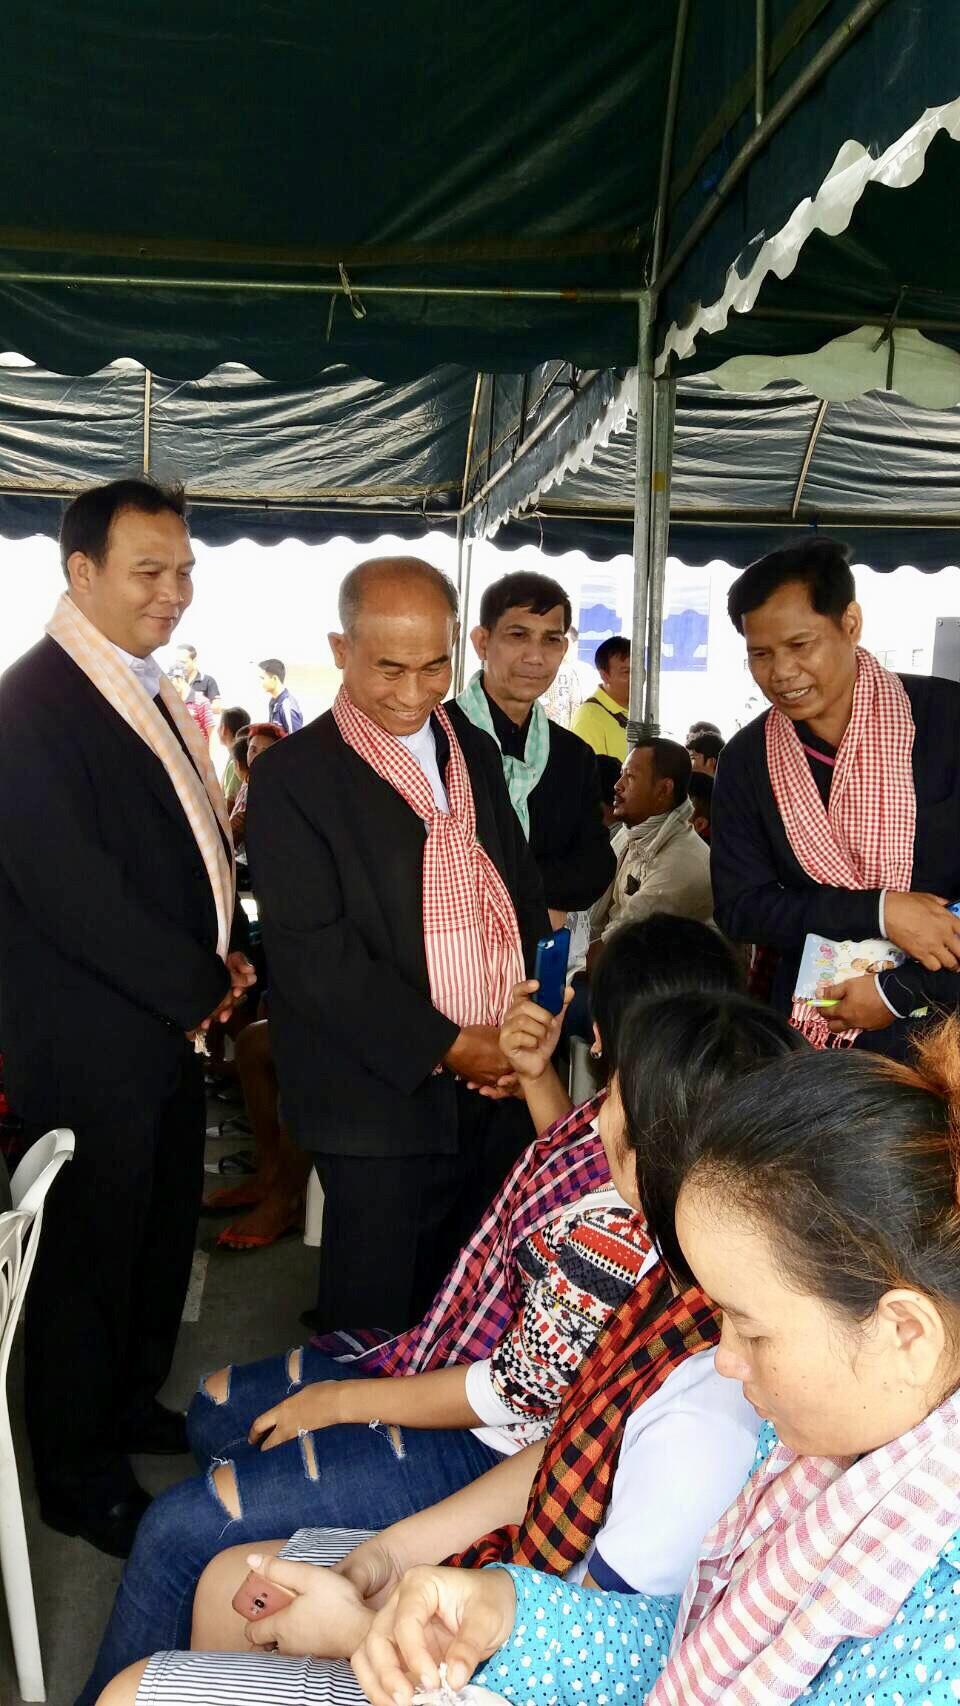 รมว.แรงงานและฝึกอาชีพ ราชอาณาจักรกัมพูชา เยี่ยมแรงงานกัมพูชาที่ชลบุรี